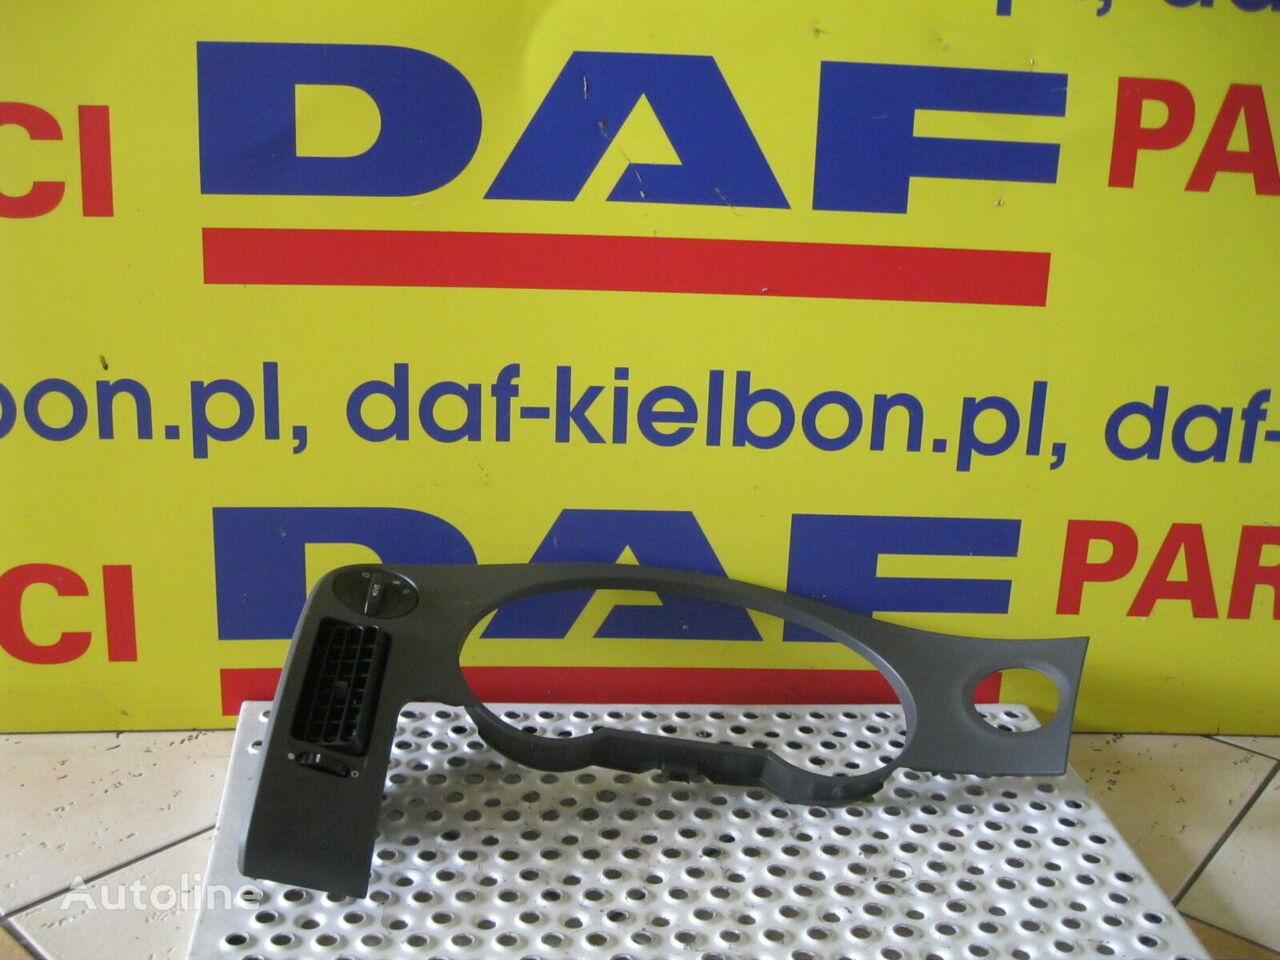 DAF RAMKA PLASTIKOWA ZEGARÓW front fascia for DAF XF 106 tractor unit